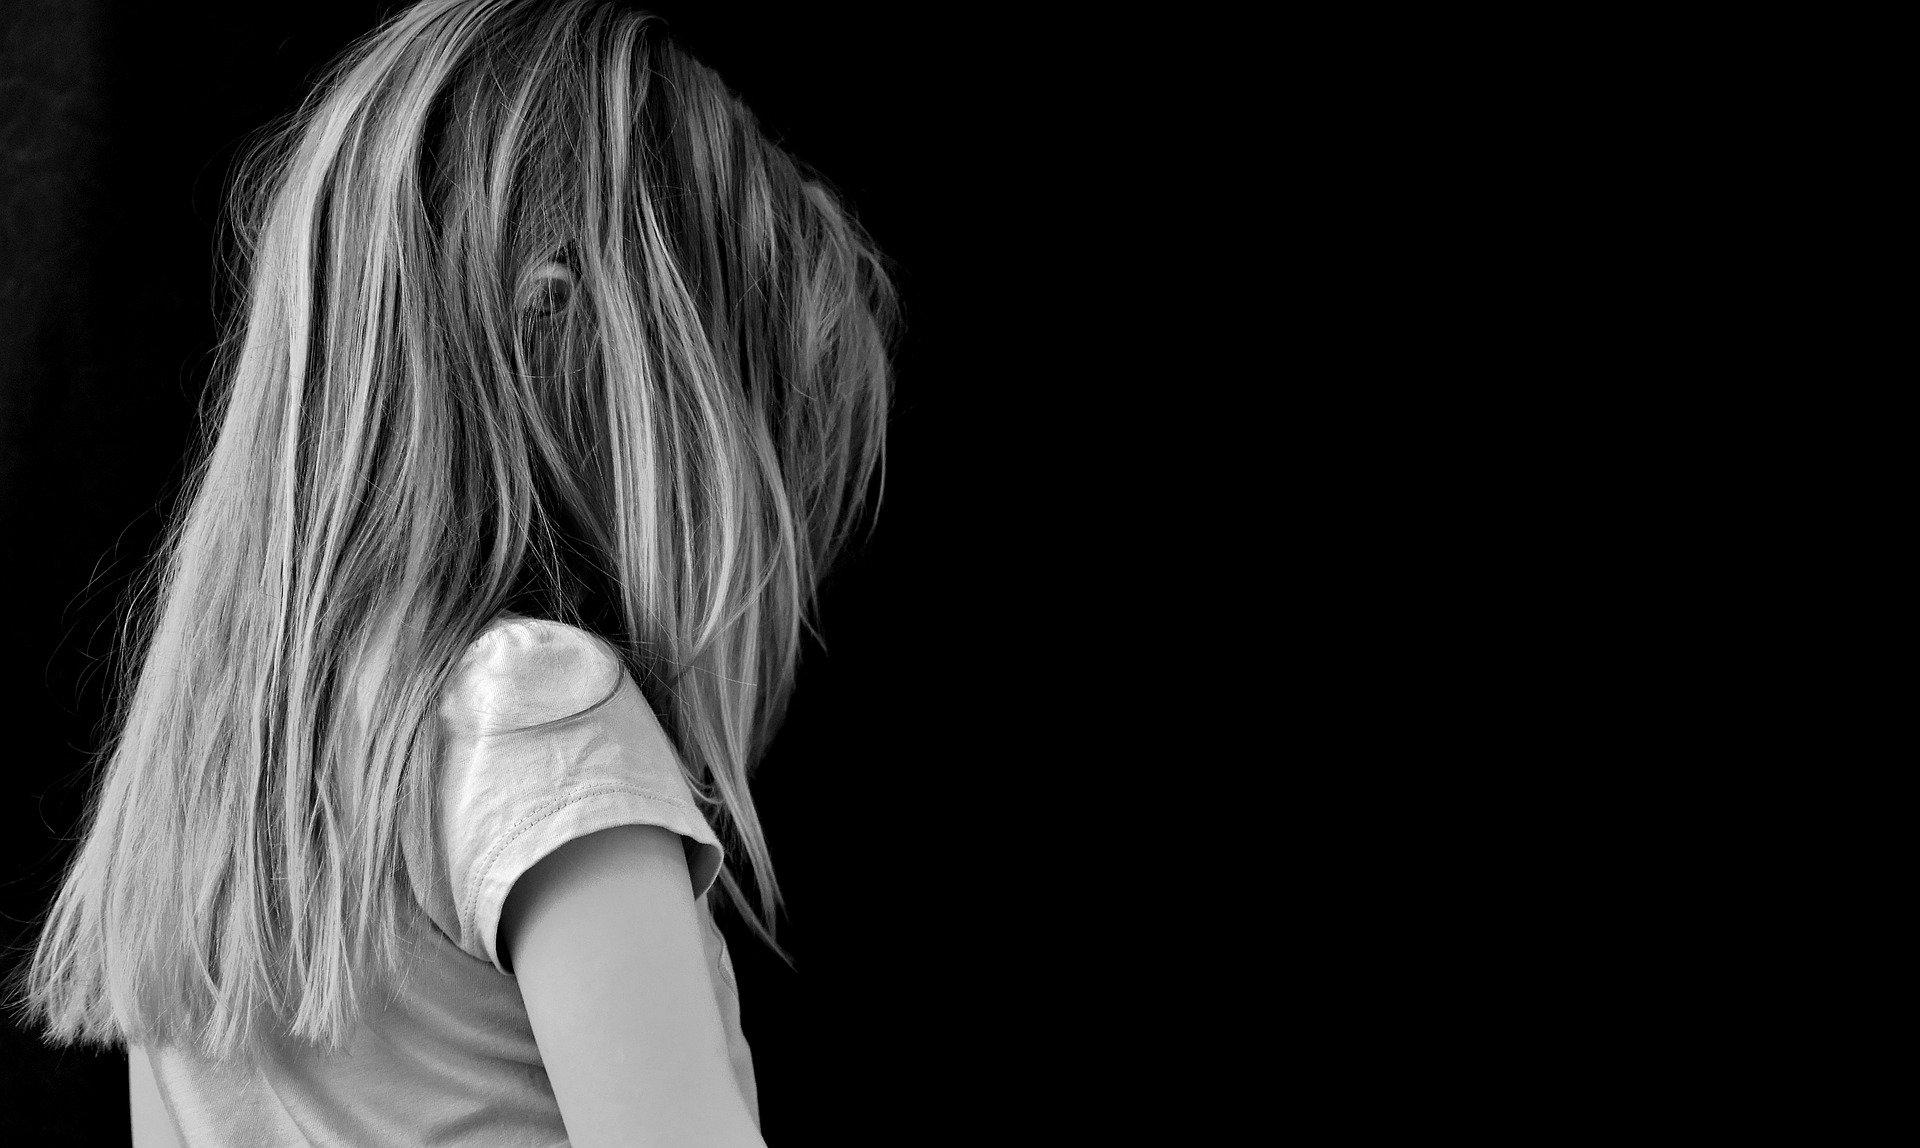 14-letnia BESTIA! Zgwałcił 5-letnią dziewczynkę! - Zdjęcie główne